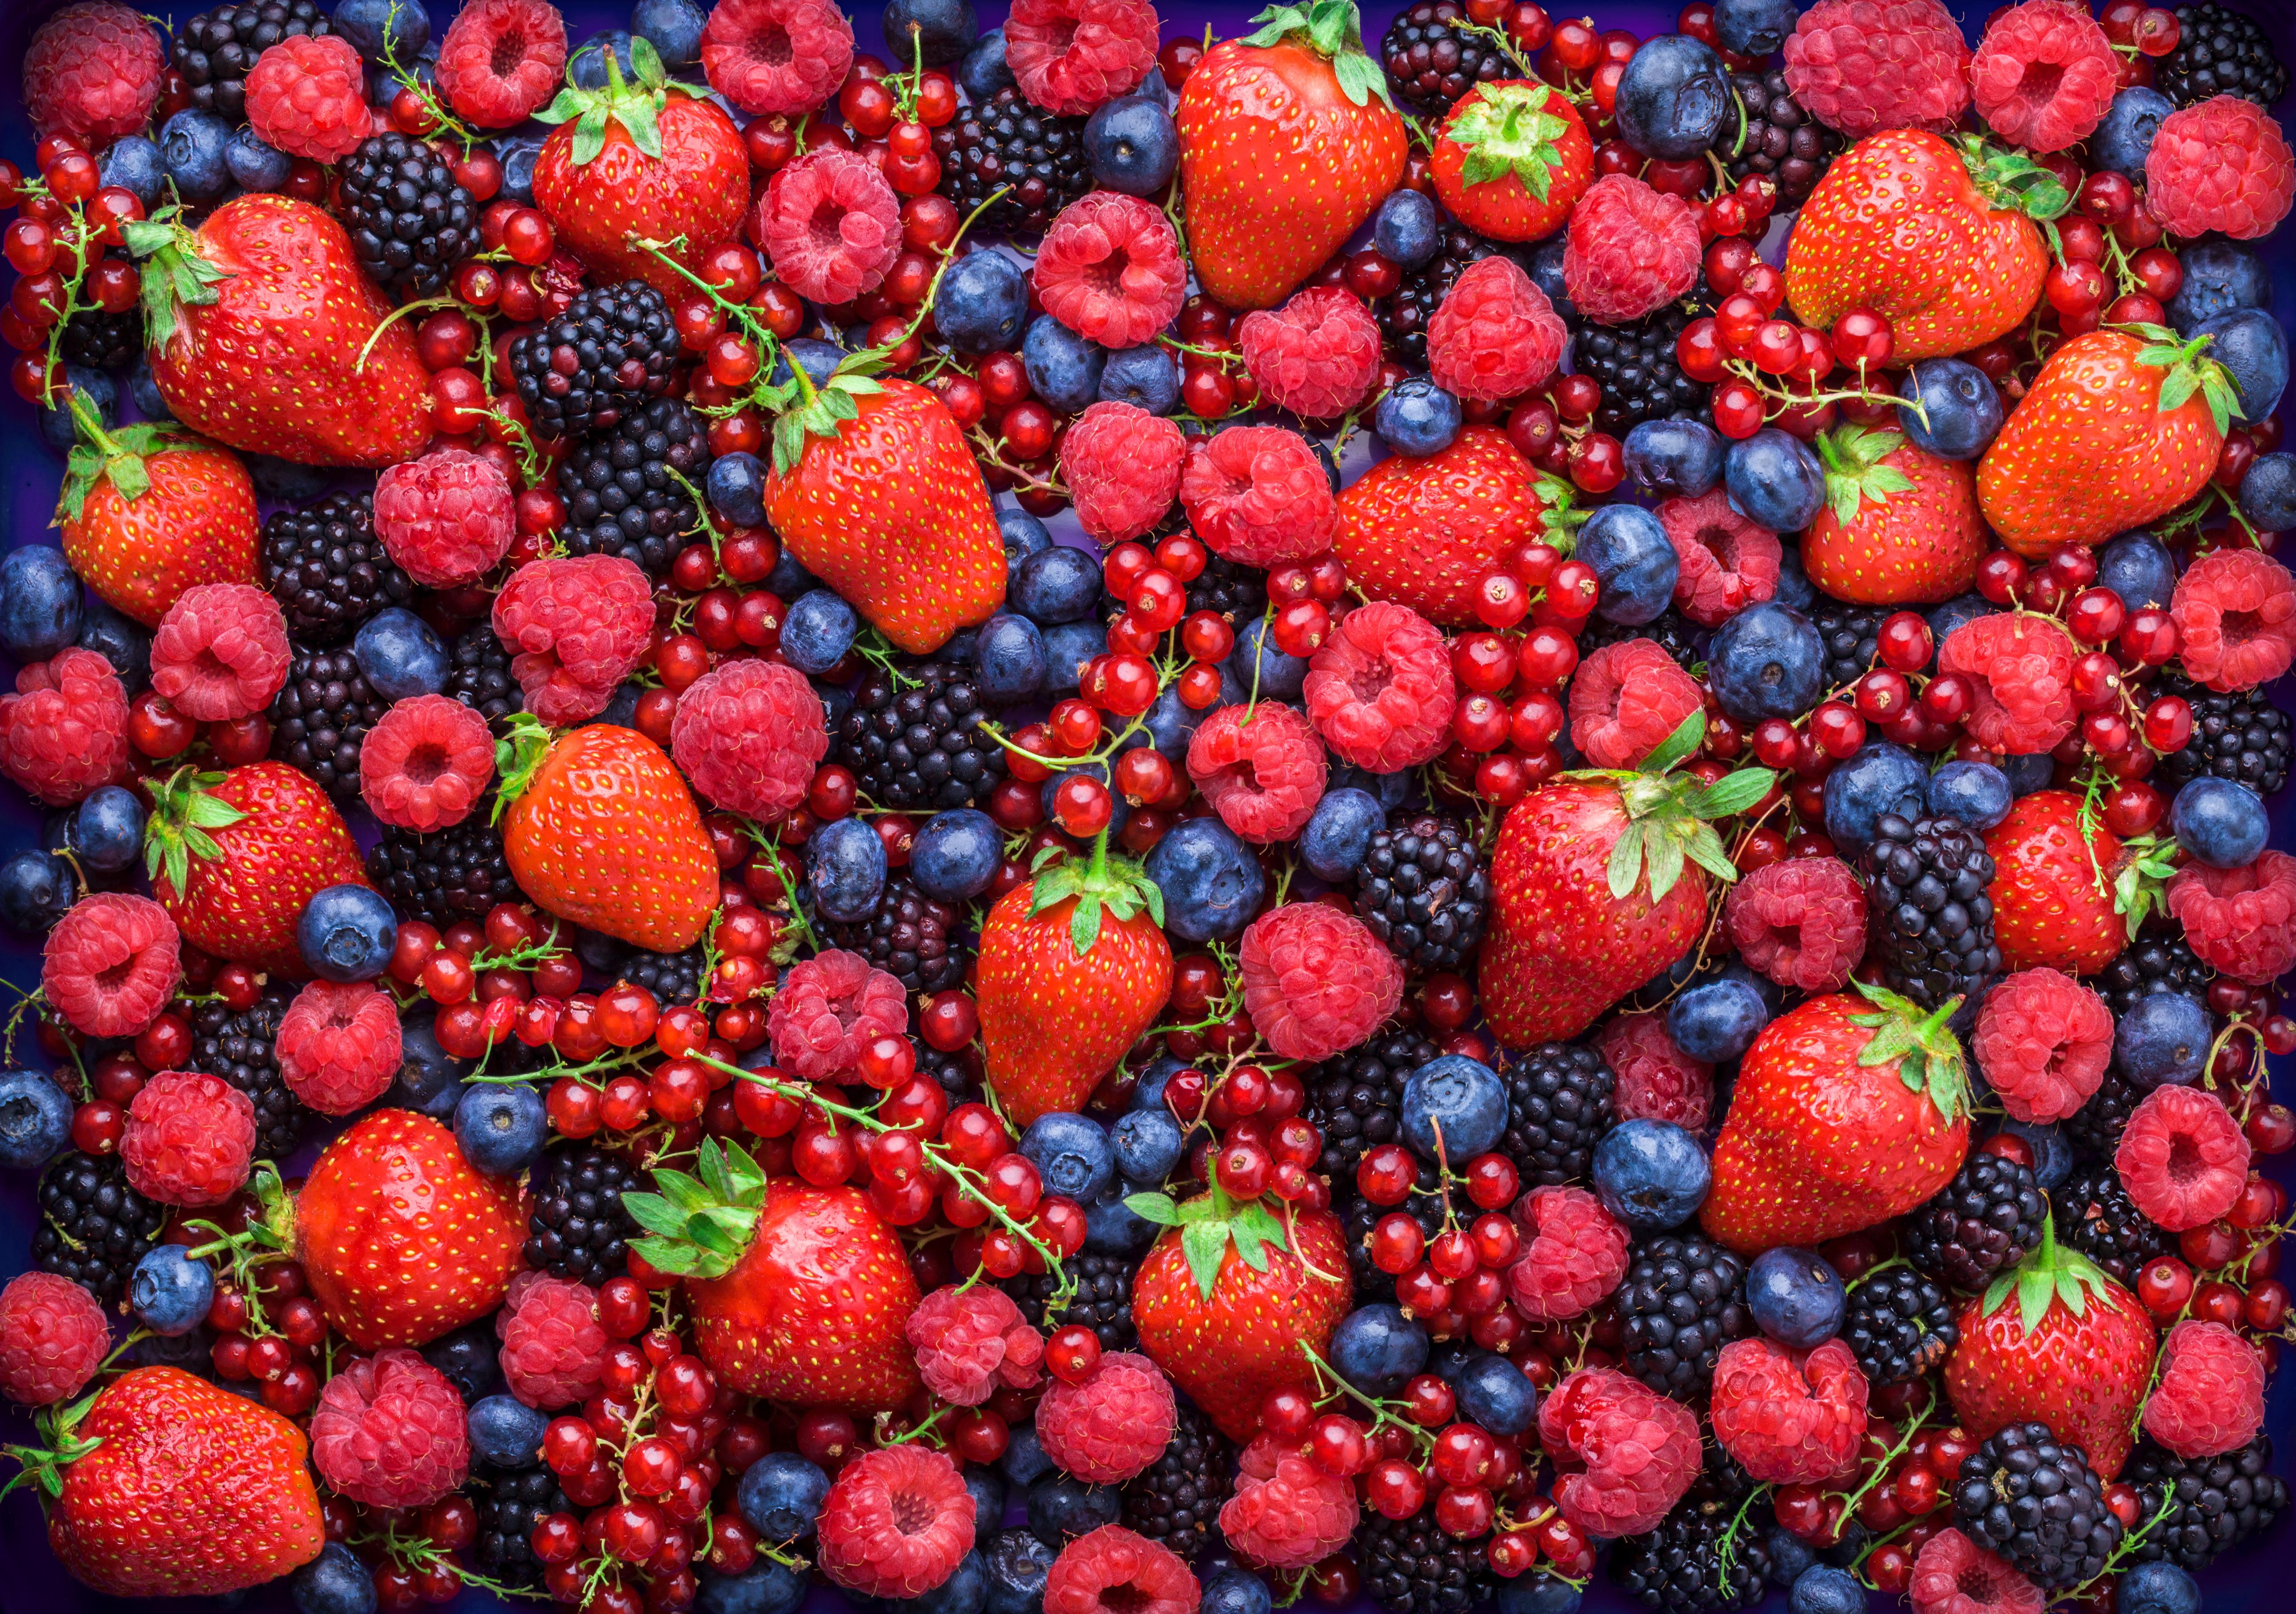 <p><strong>Горски плодове</strong></p>  <p>Горските плодове са много богати на антиоксиданти и са едни от най-полезните храни. Ягодите, боровинките, къпините и малините са не само вкусни, но и полезни. Колкото по-тъмен е един горски плод, толкова повече антиоксиданти съдържа.</p>